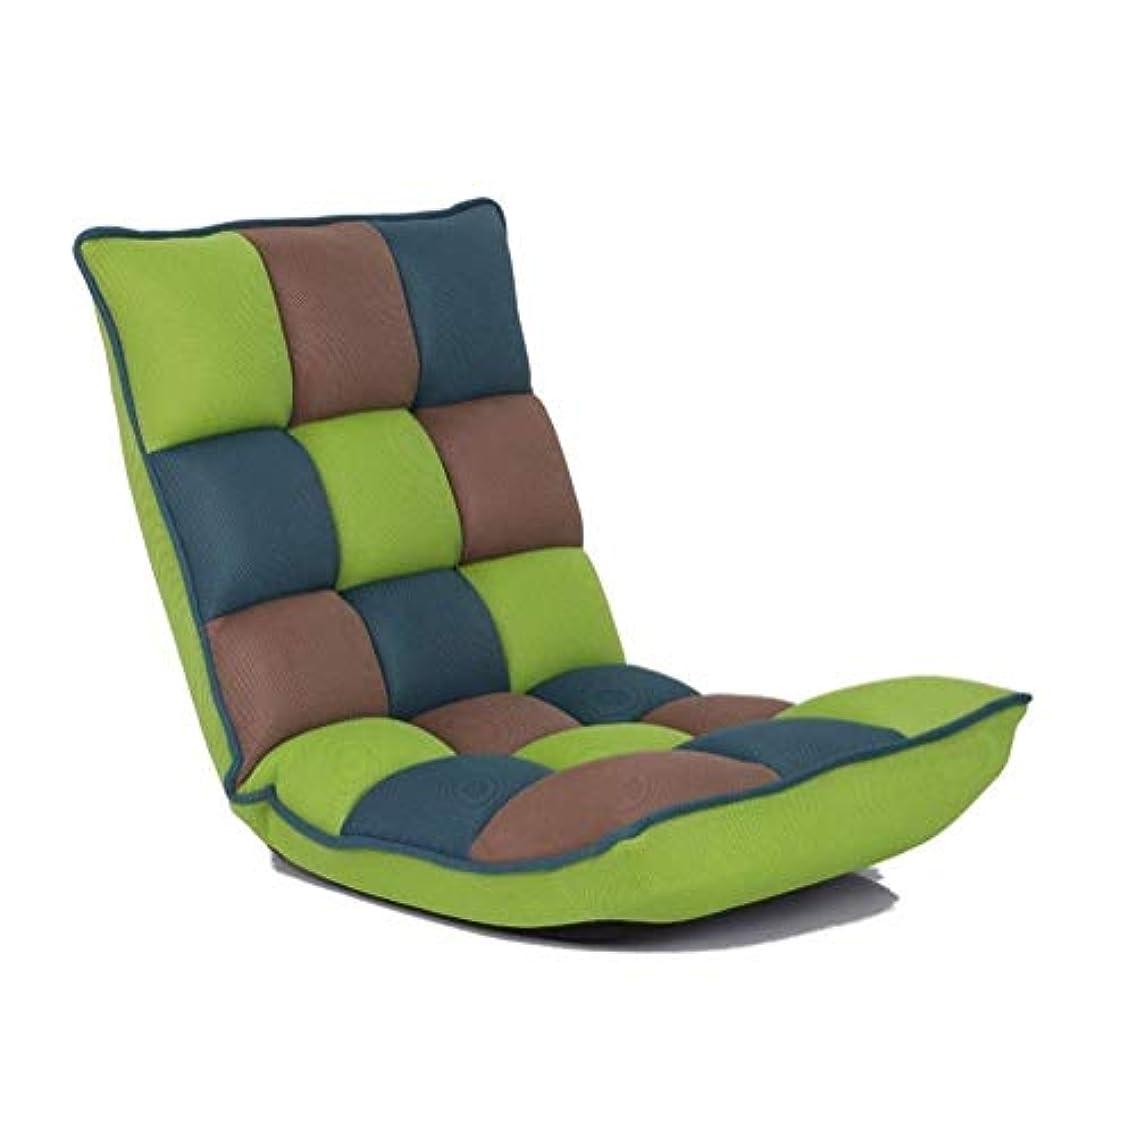 チャネル抑制バケツ怠zyなソファ、シングル畳、フロアチェア、快適なベッドルームコンピュータ折りたたみ式背もたれレッグレスウィンドウチェア (Color : 緑)